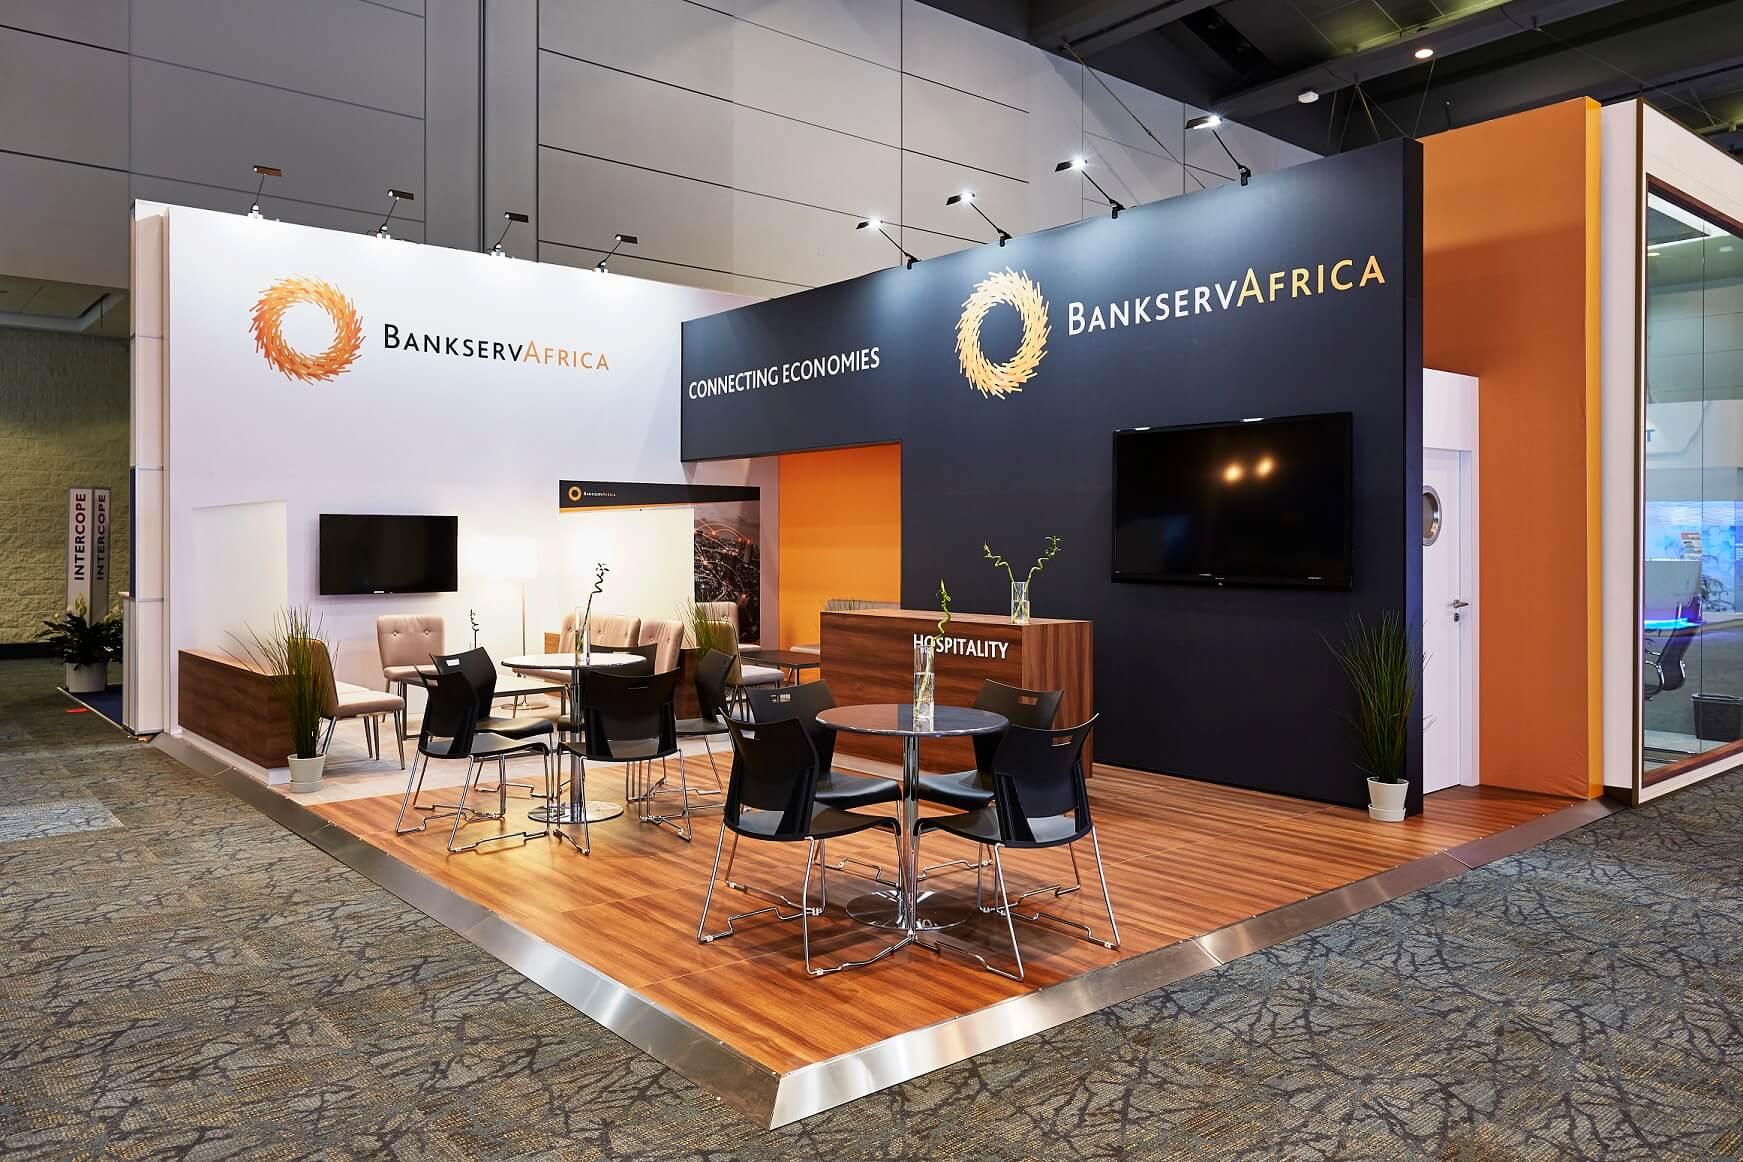 BankservAfrica, Sibos 2017